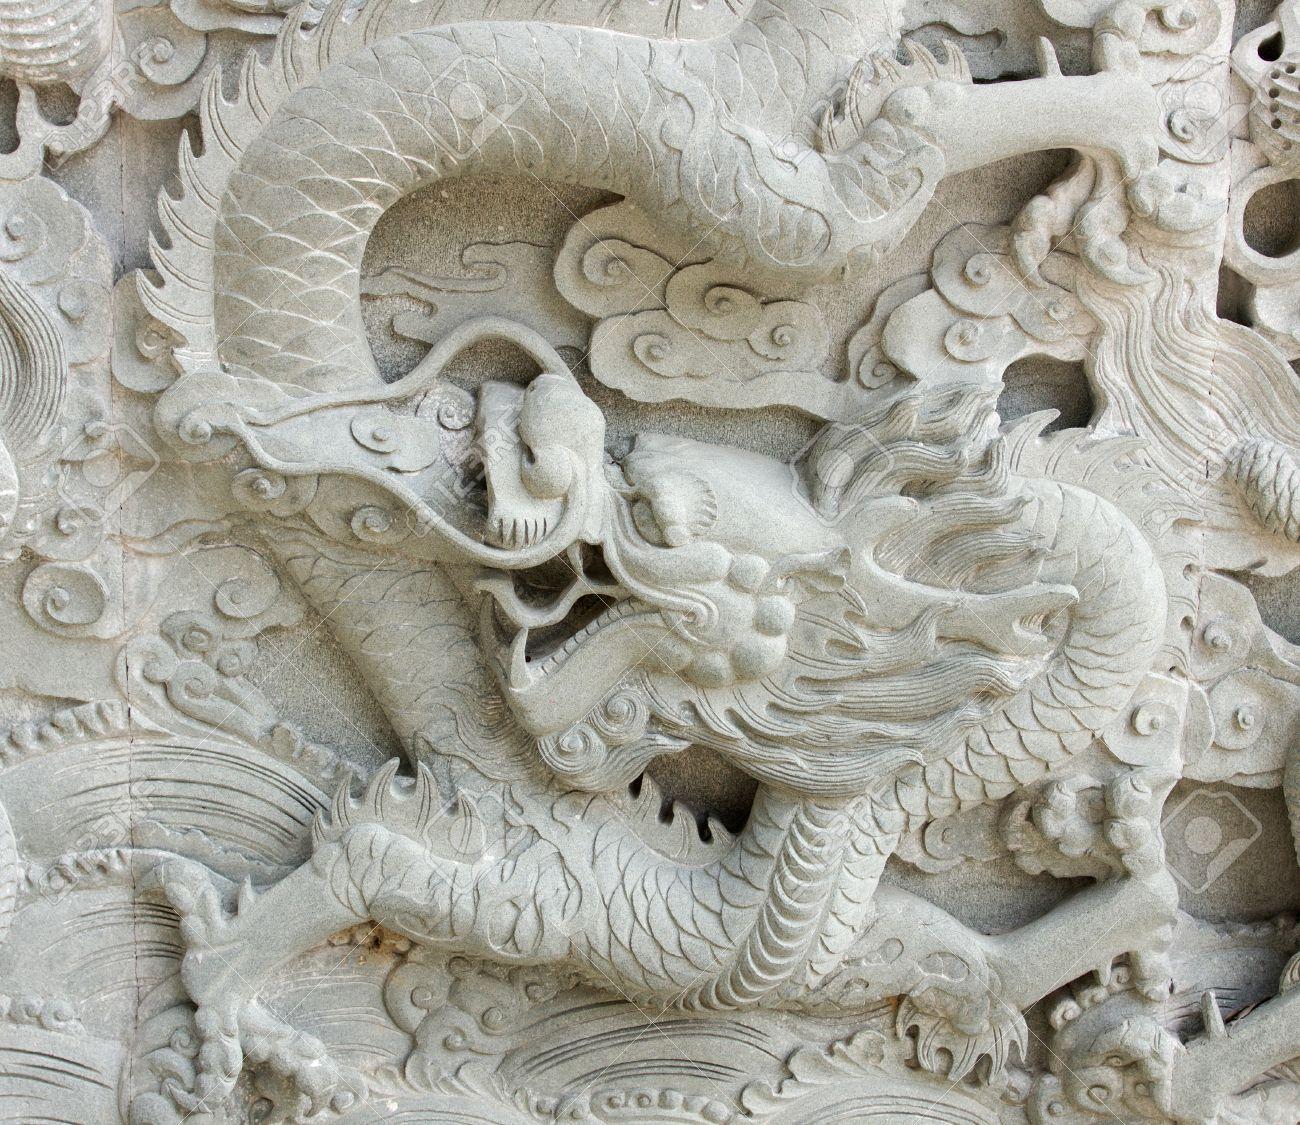 arte esculpido en la pared de piedra en el templo chino china foto de archivo